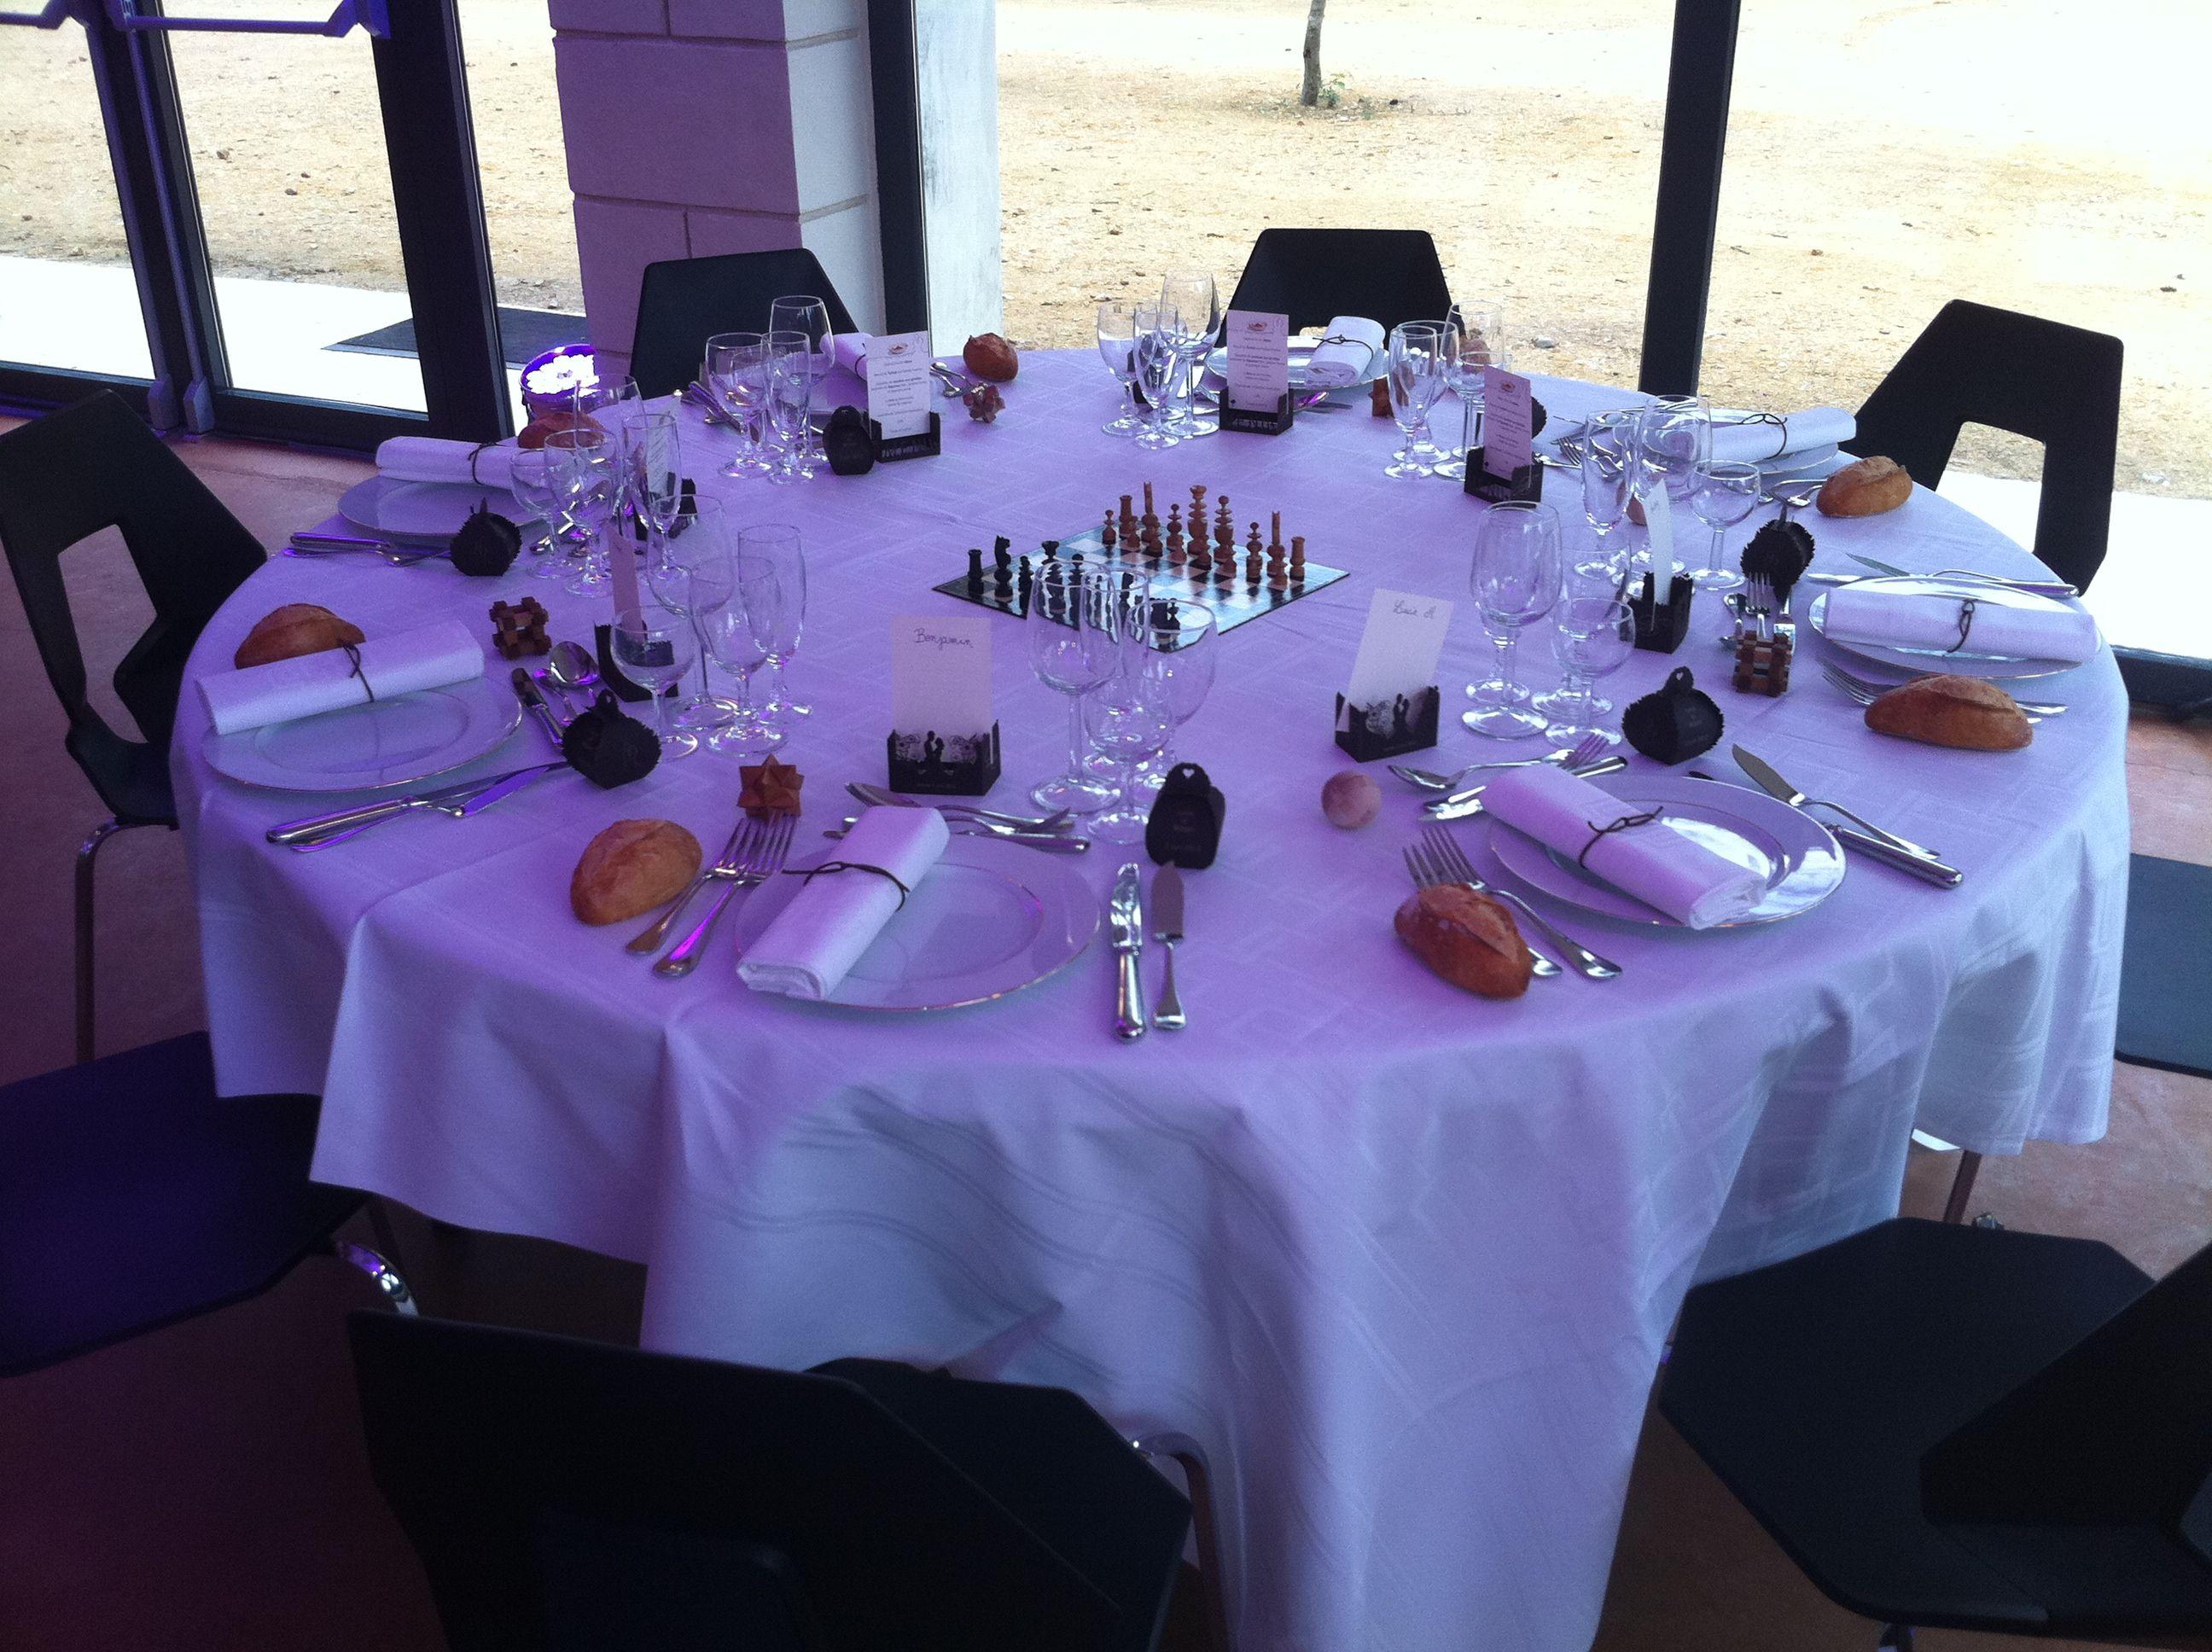 Les jeux de société étaient présents en décor de table un jeu par